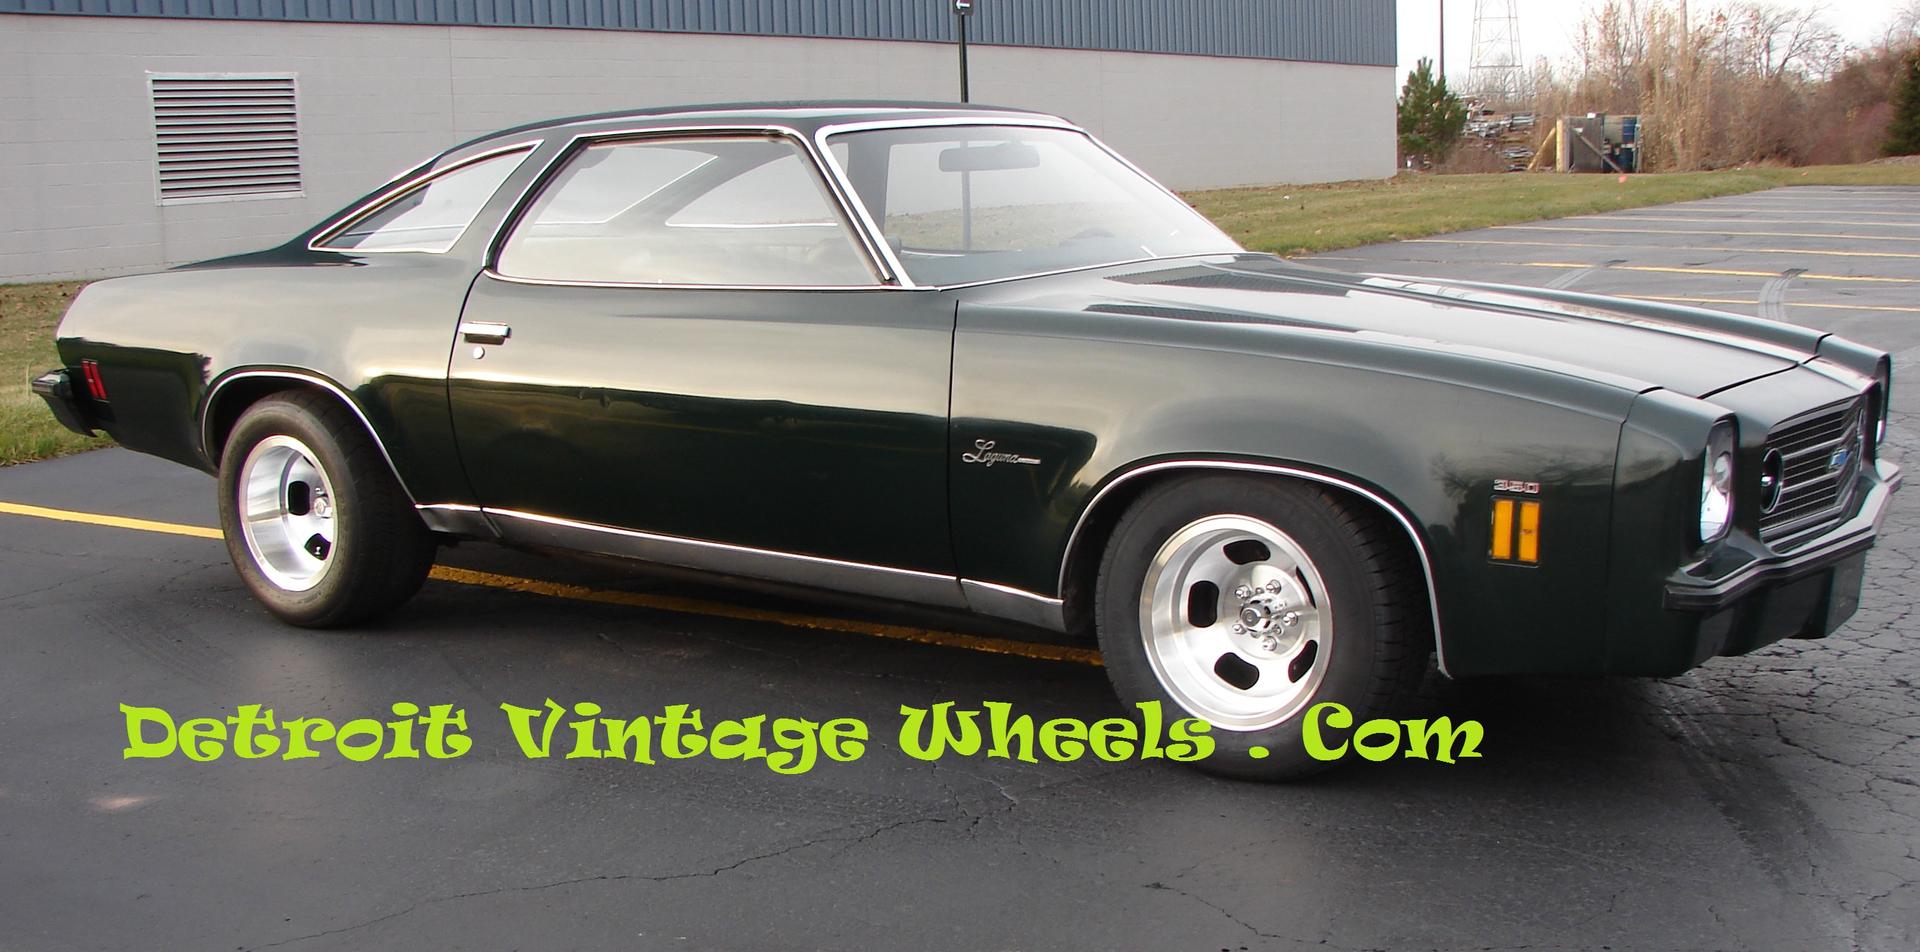 Detroit Vintage Wheels Acutal Vintage Wheels Custom Restored ...